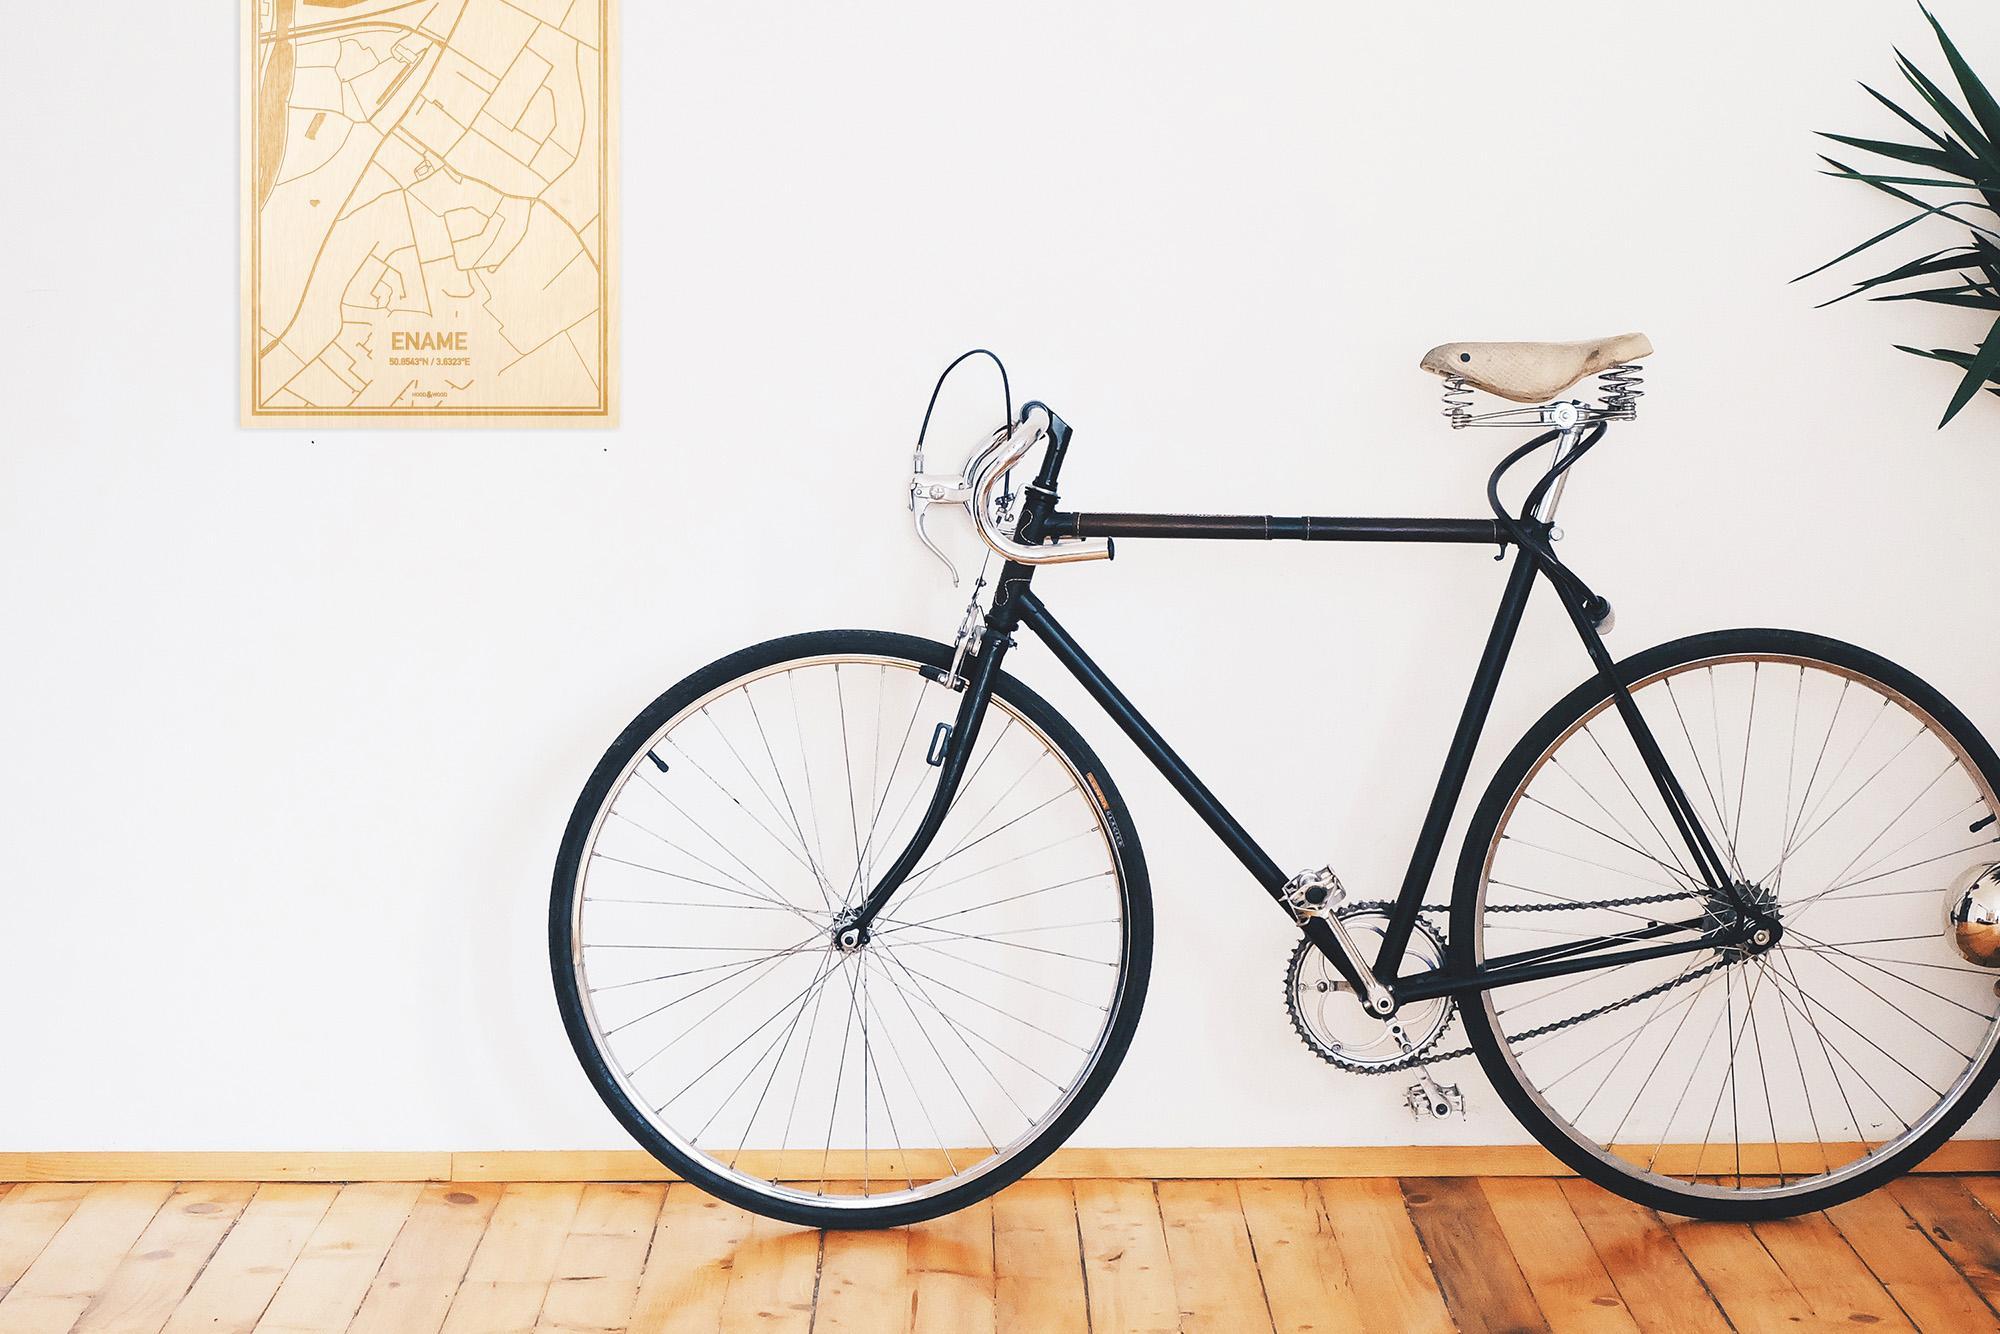 Een snelle fiets in een uniek interieur in Oost-Vlaanderen  met mooie decoratie zoals de plattegrond Ename.